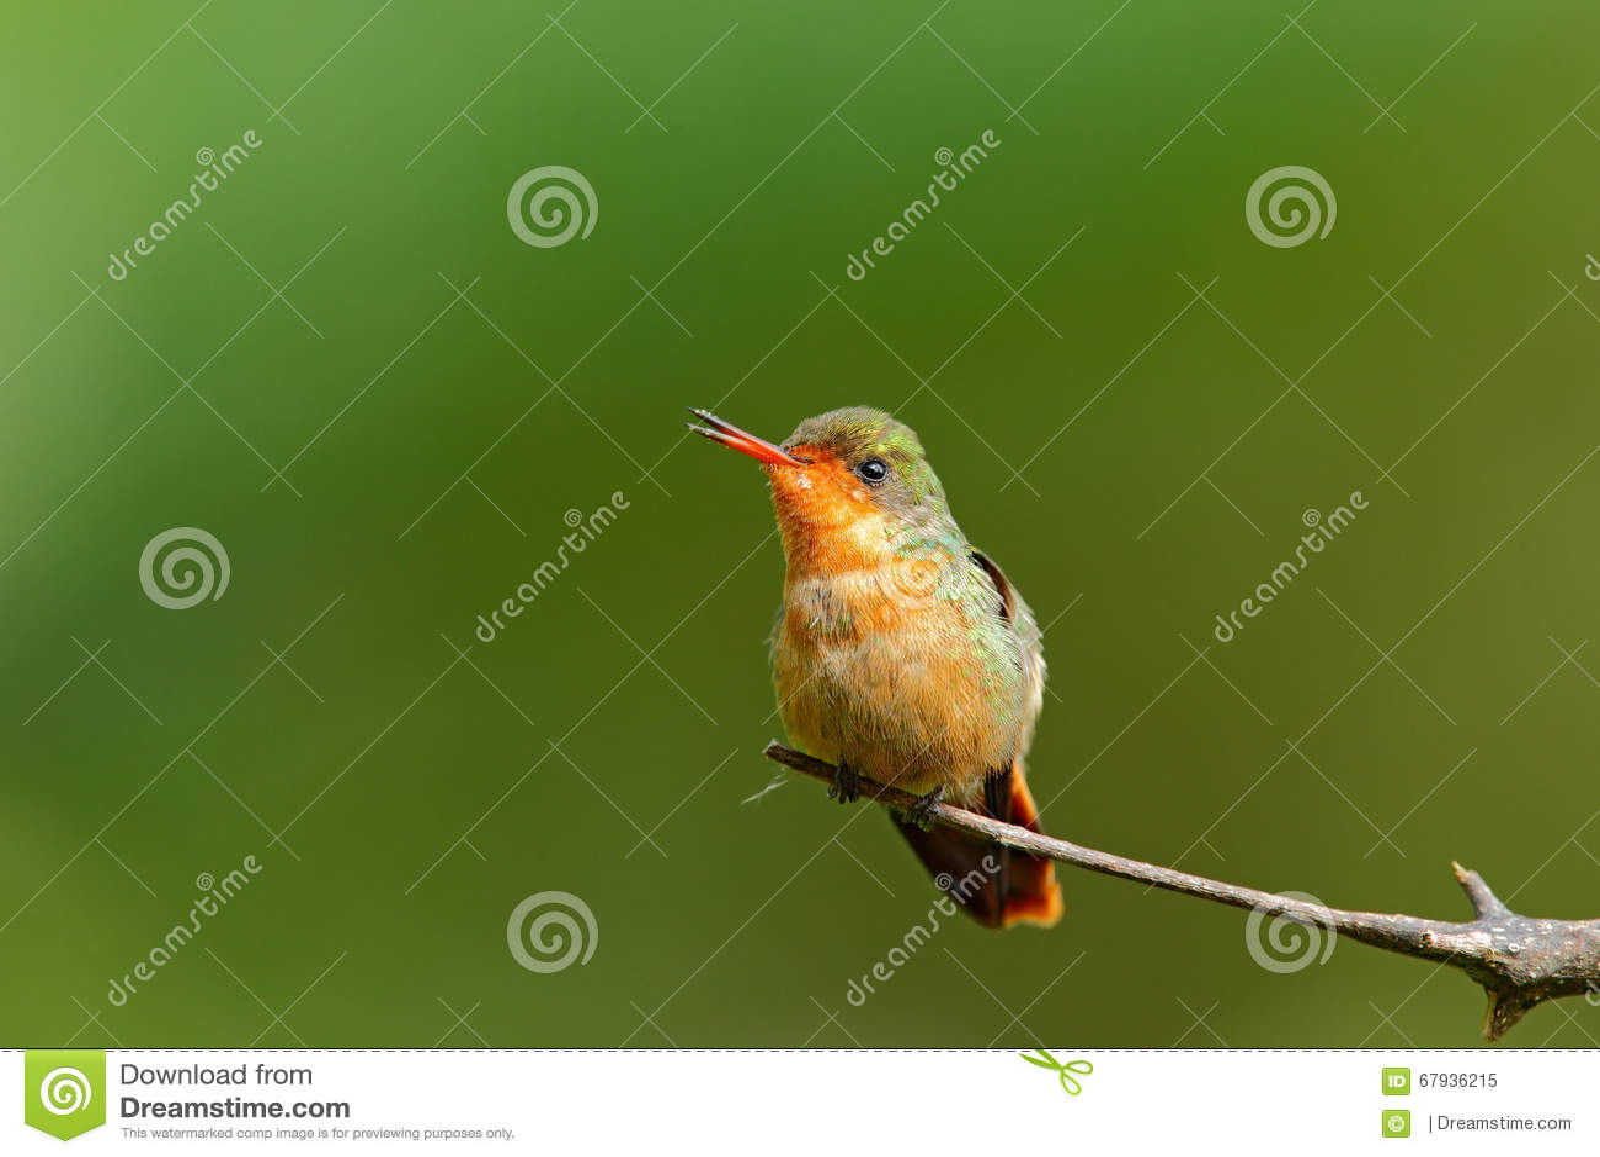 coquette tufte femelle de colibri color avec la crte orange et collier dans l habitat - Vert Et Violet